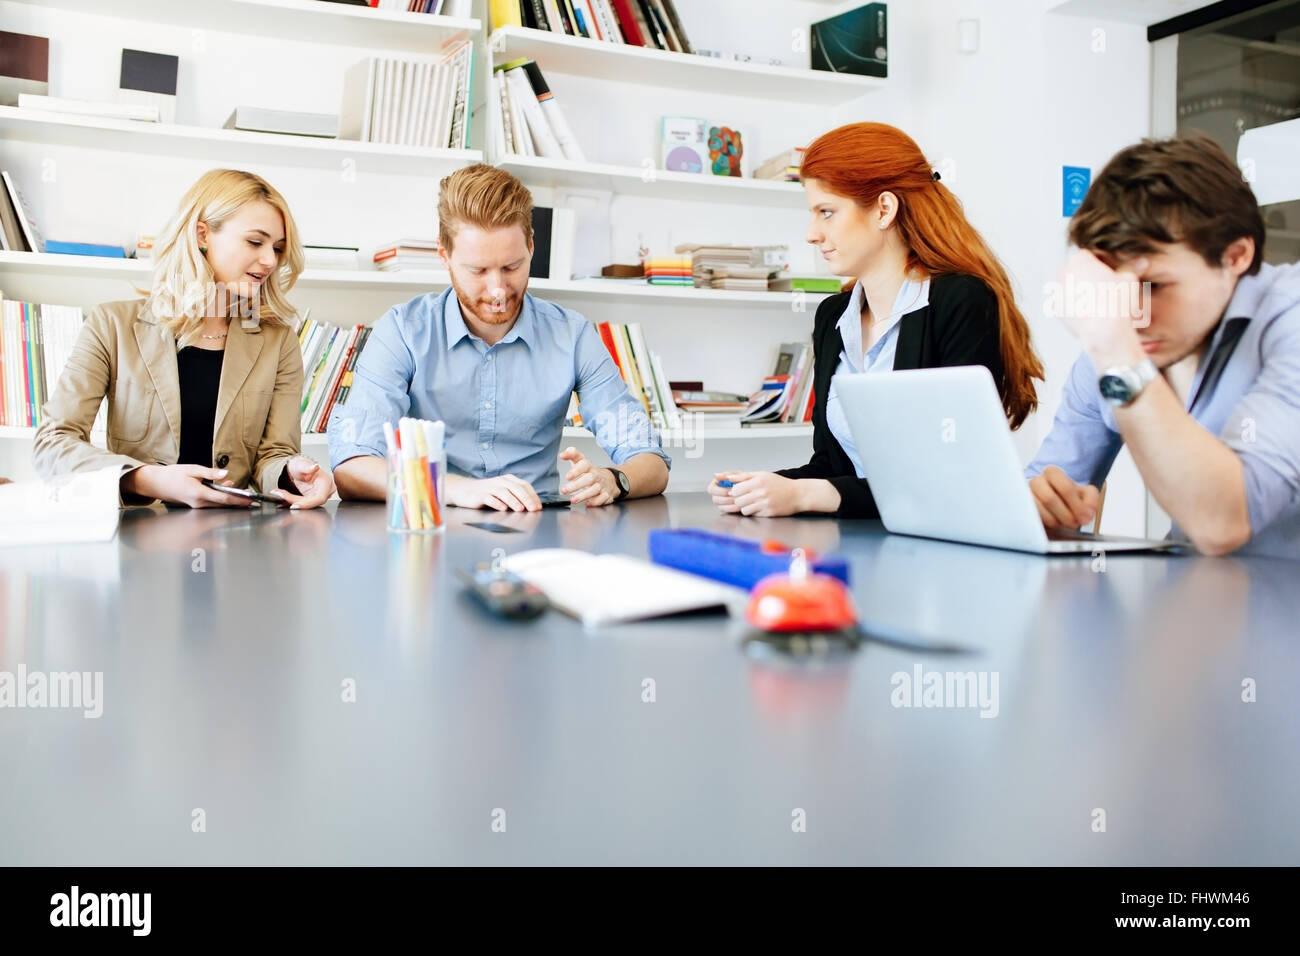 Le mode de vie des gens d'affaires in modern office Photo Stock